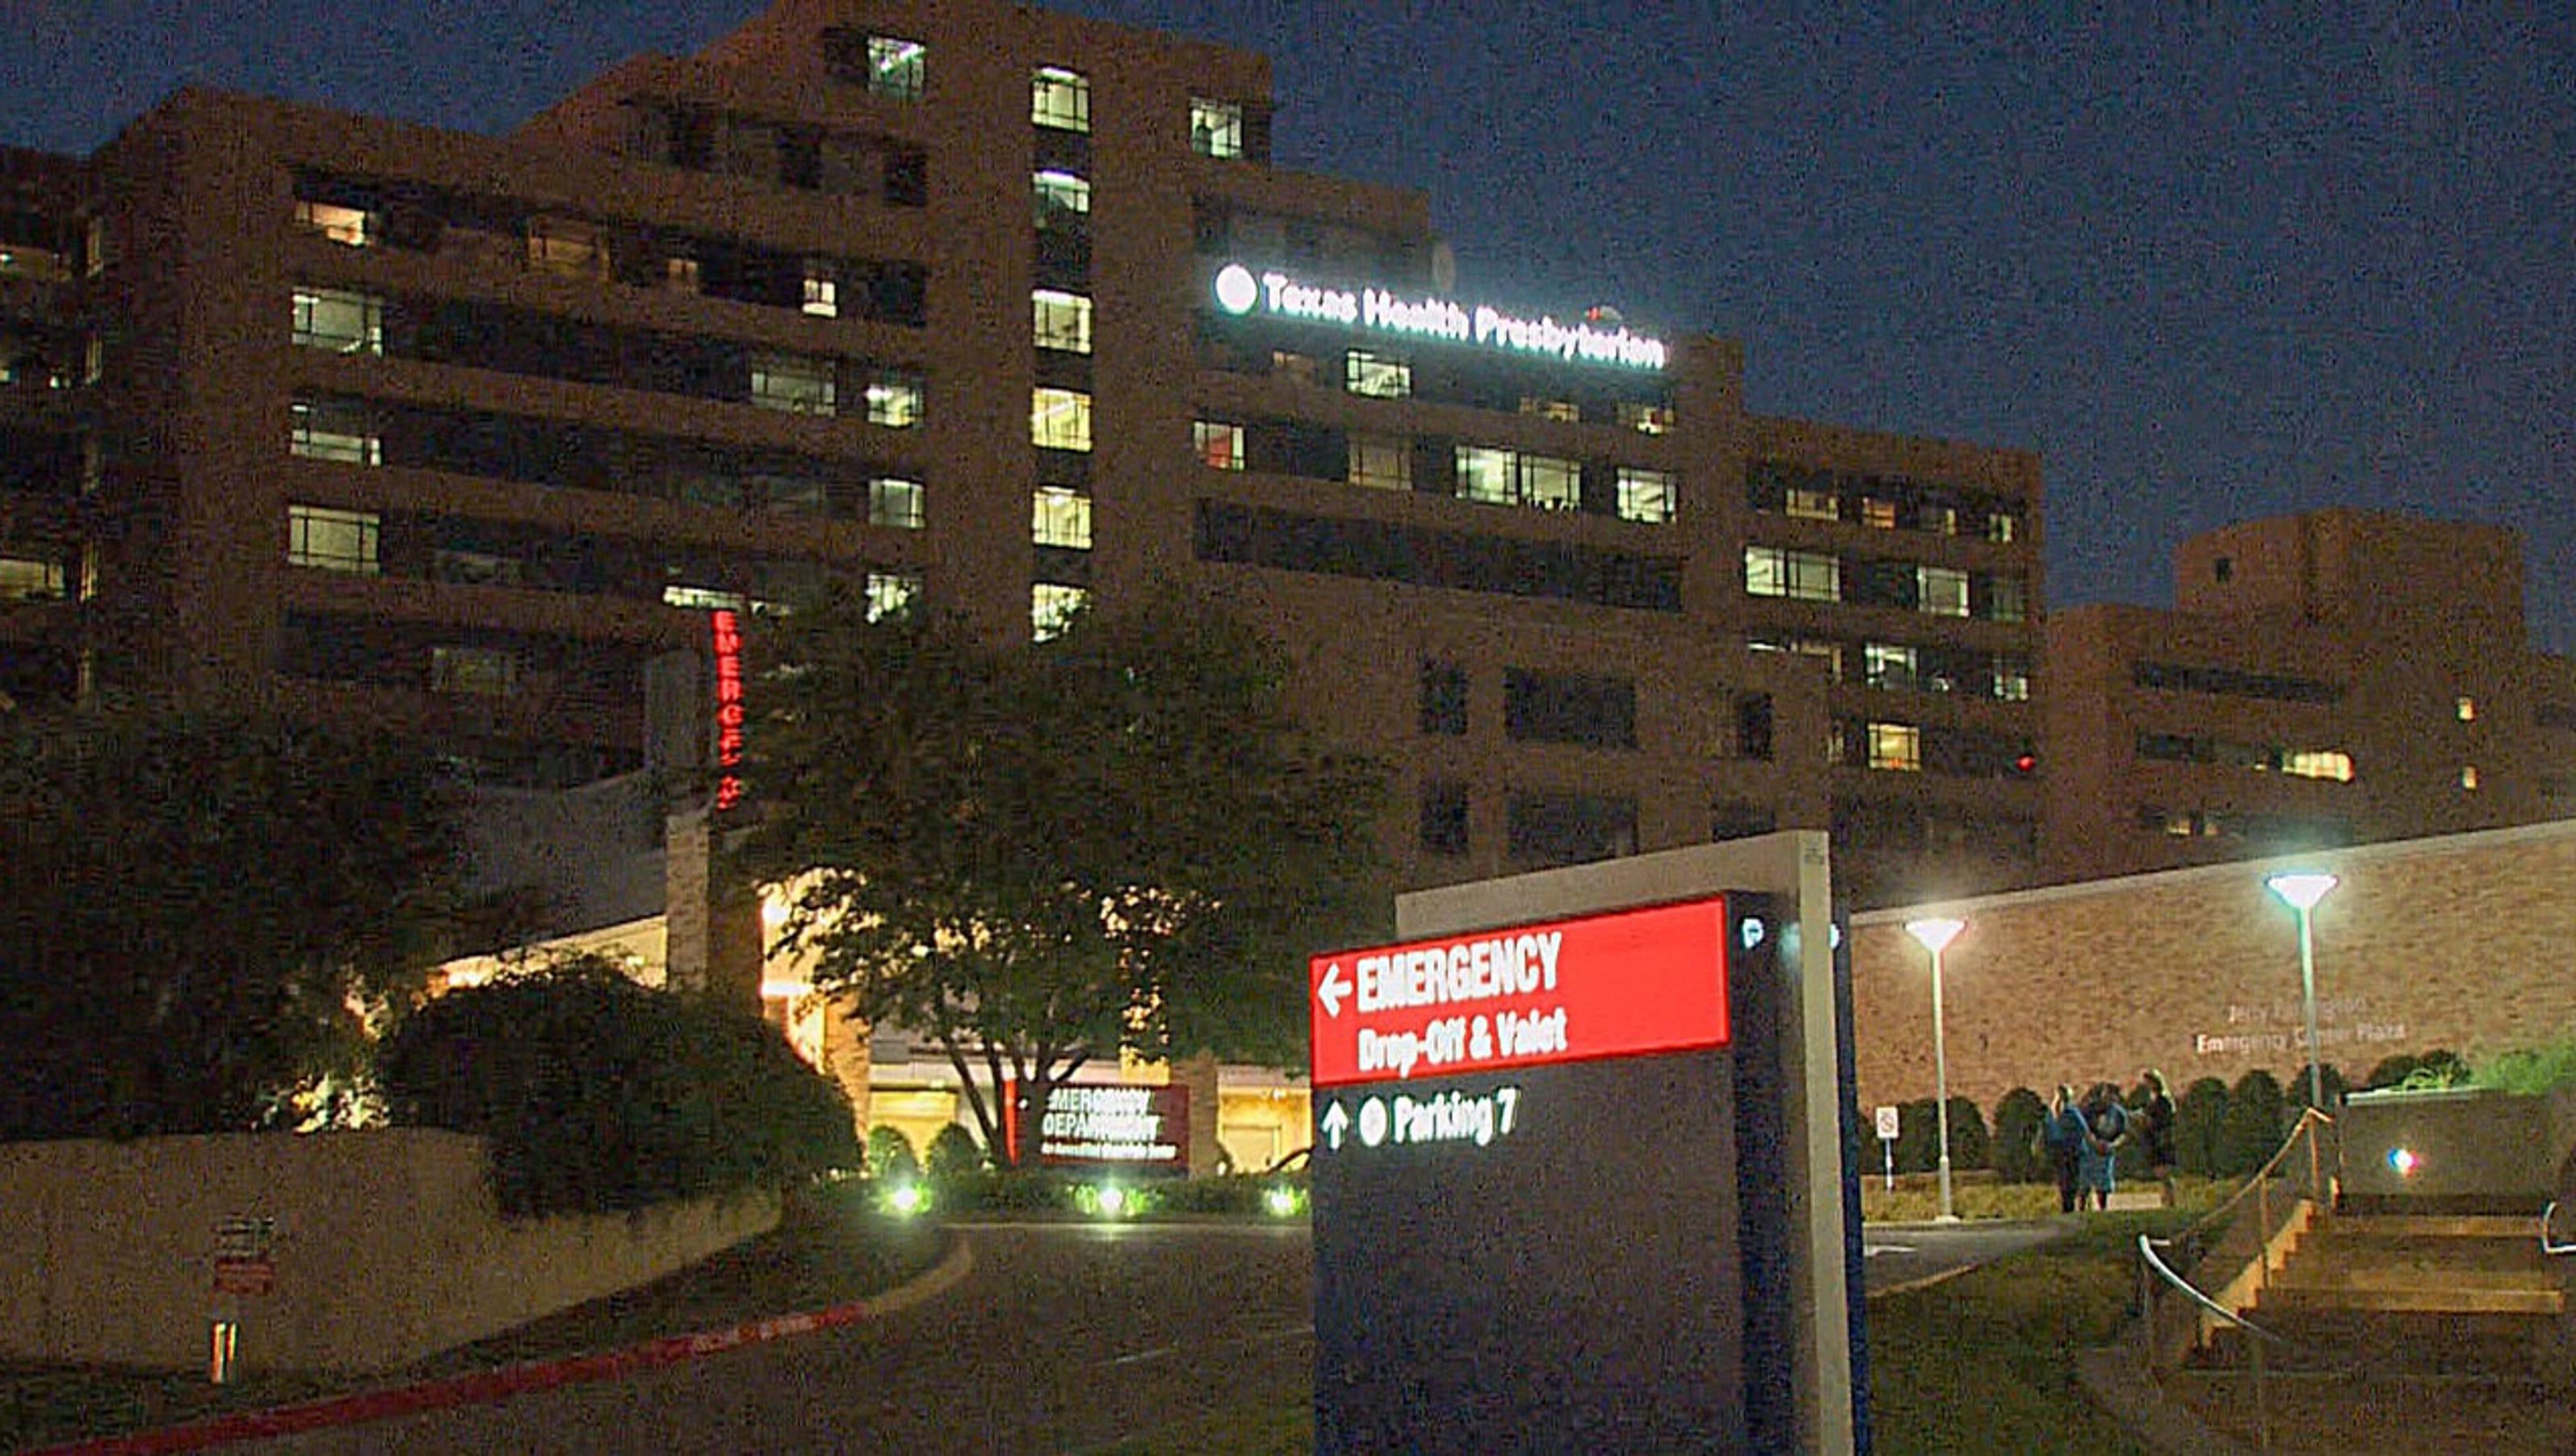 CDC: Ebola confirmed in Dallas patient